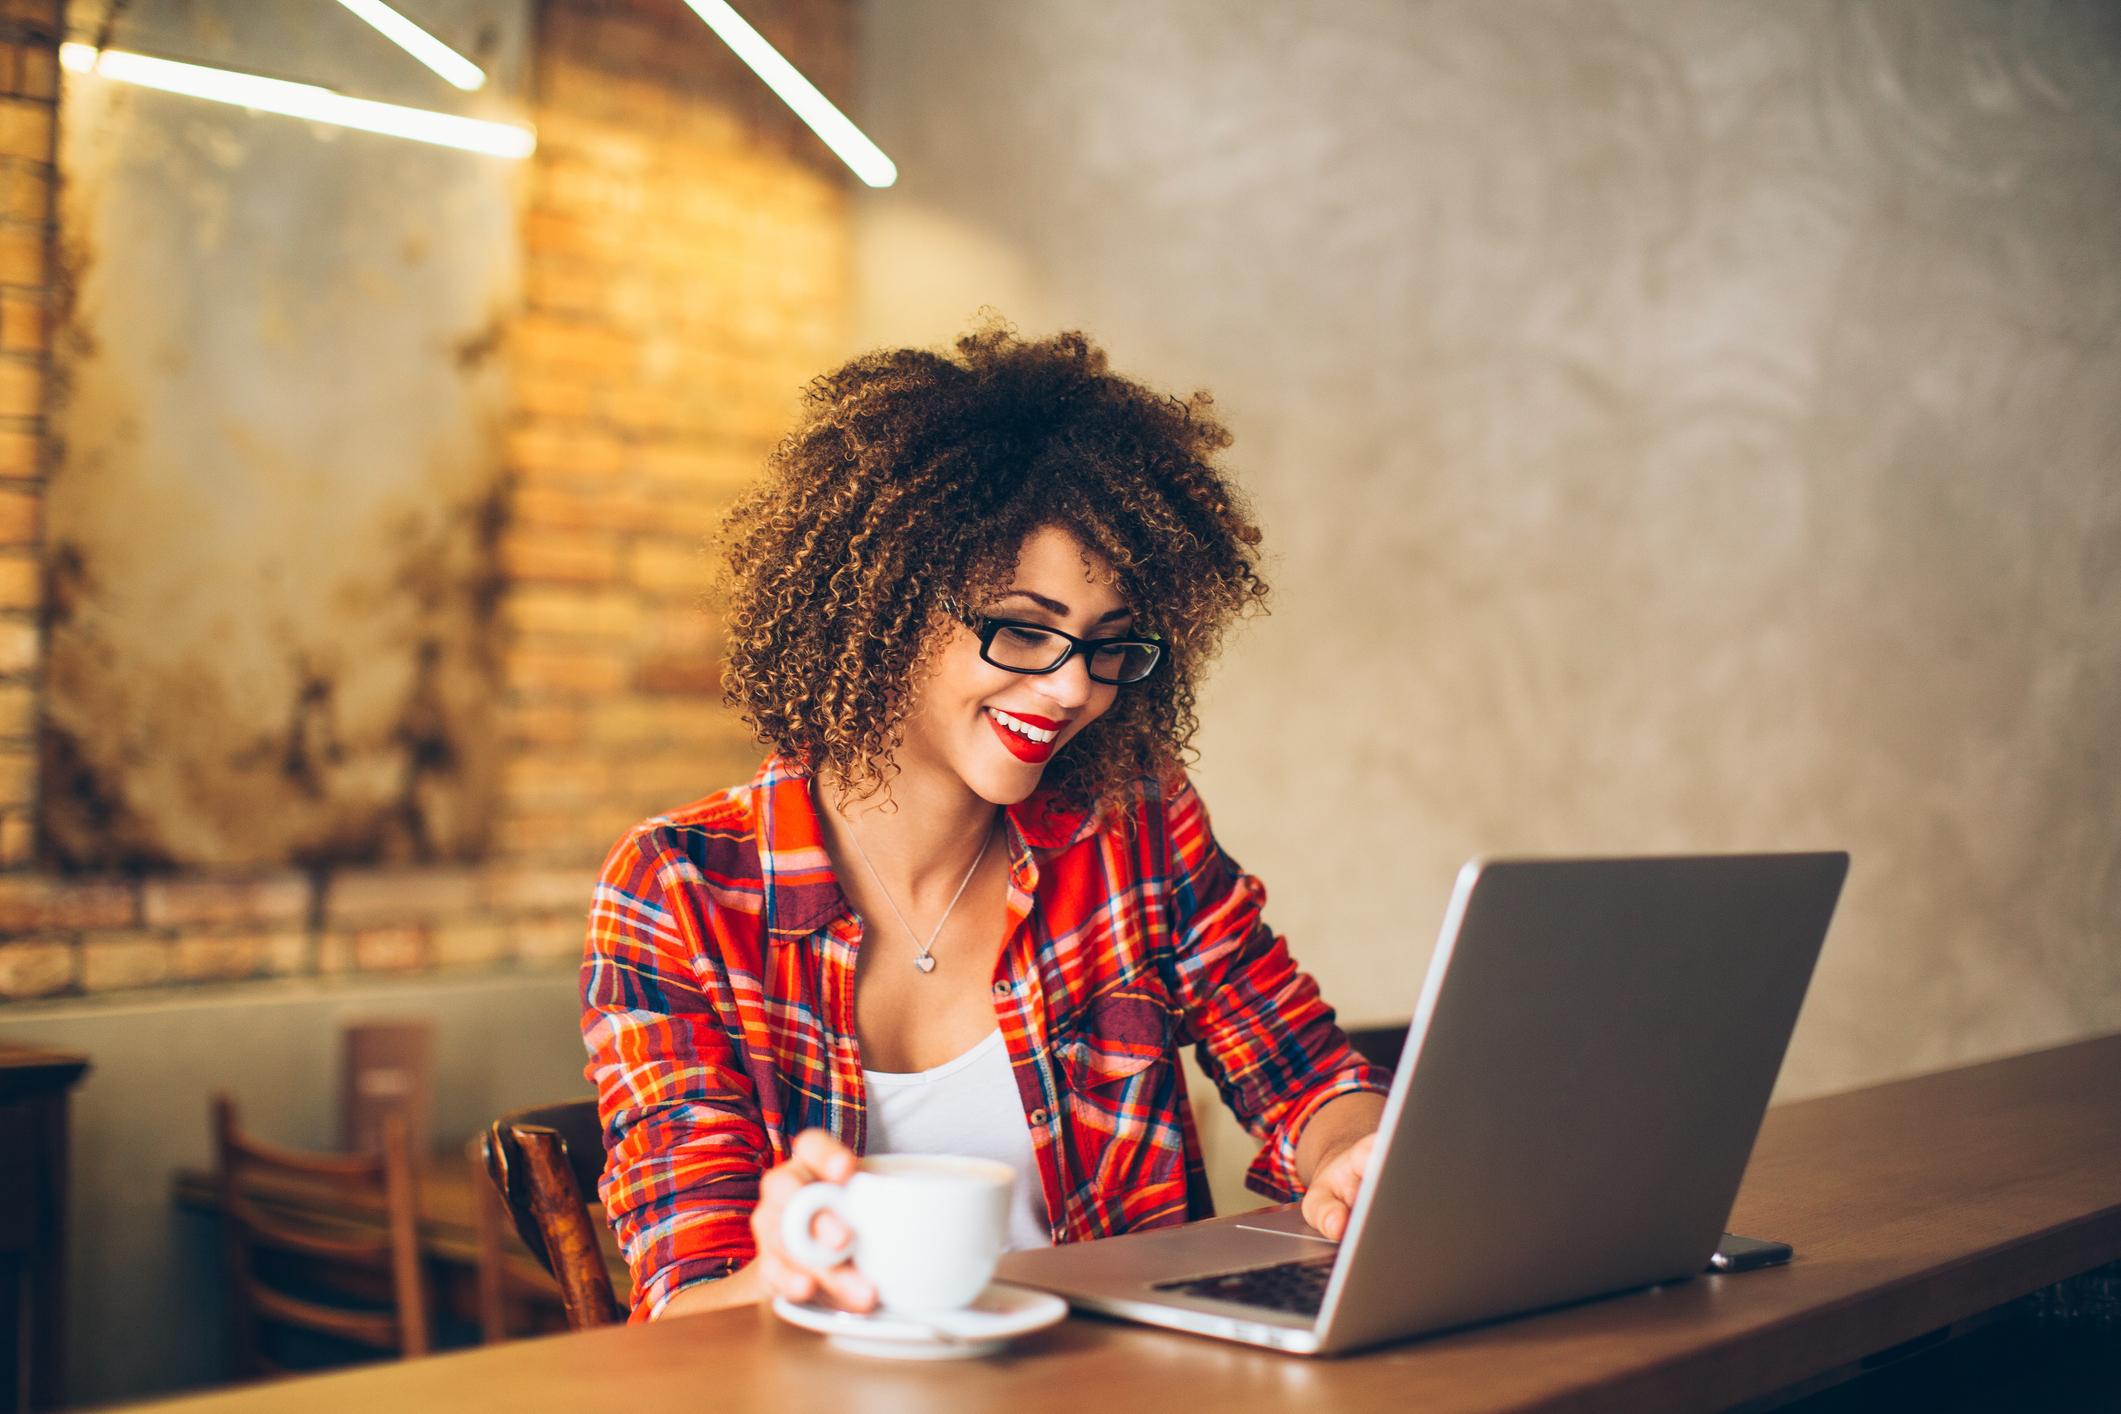 Cash Balance Plans for Content Creators